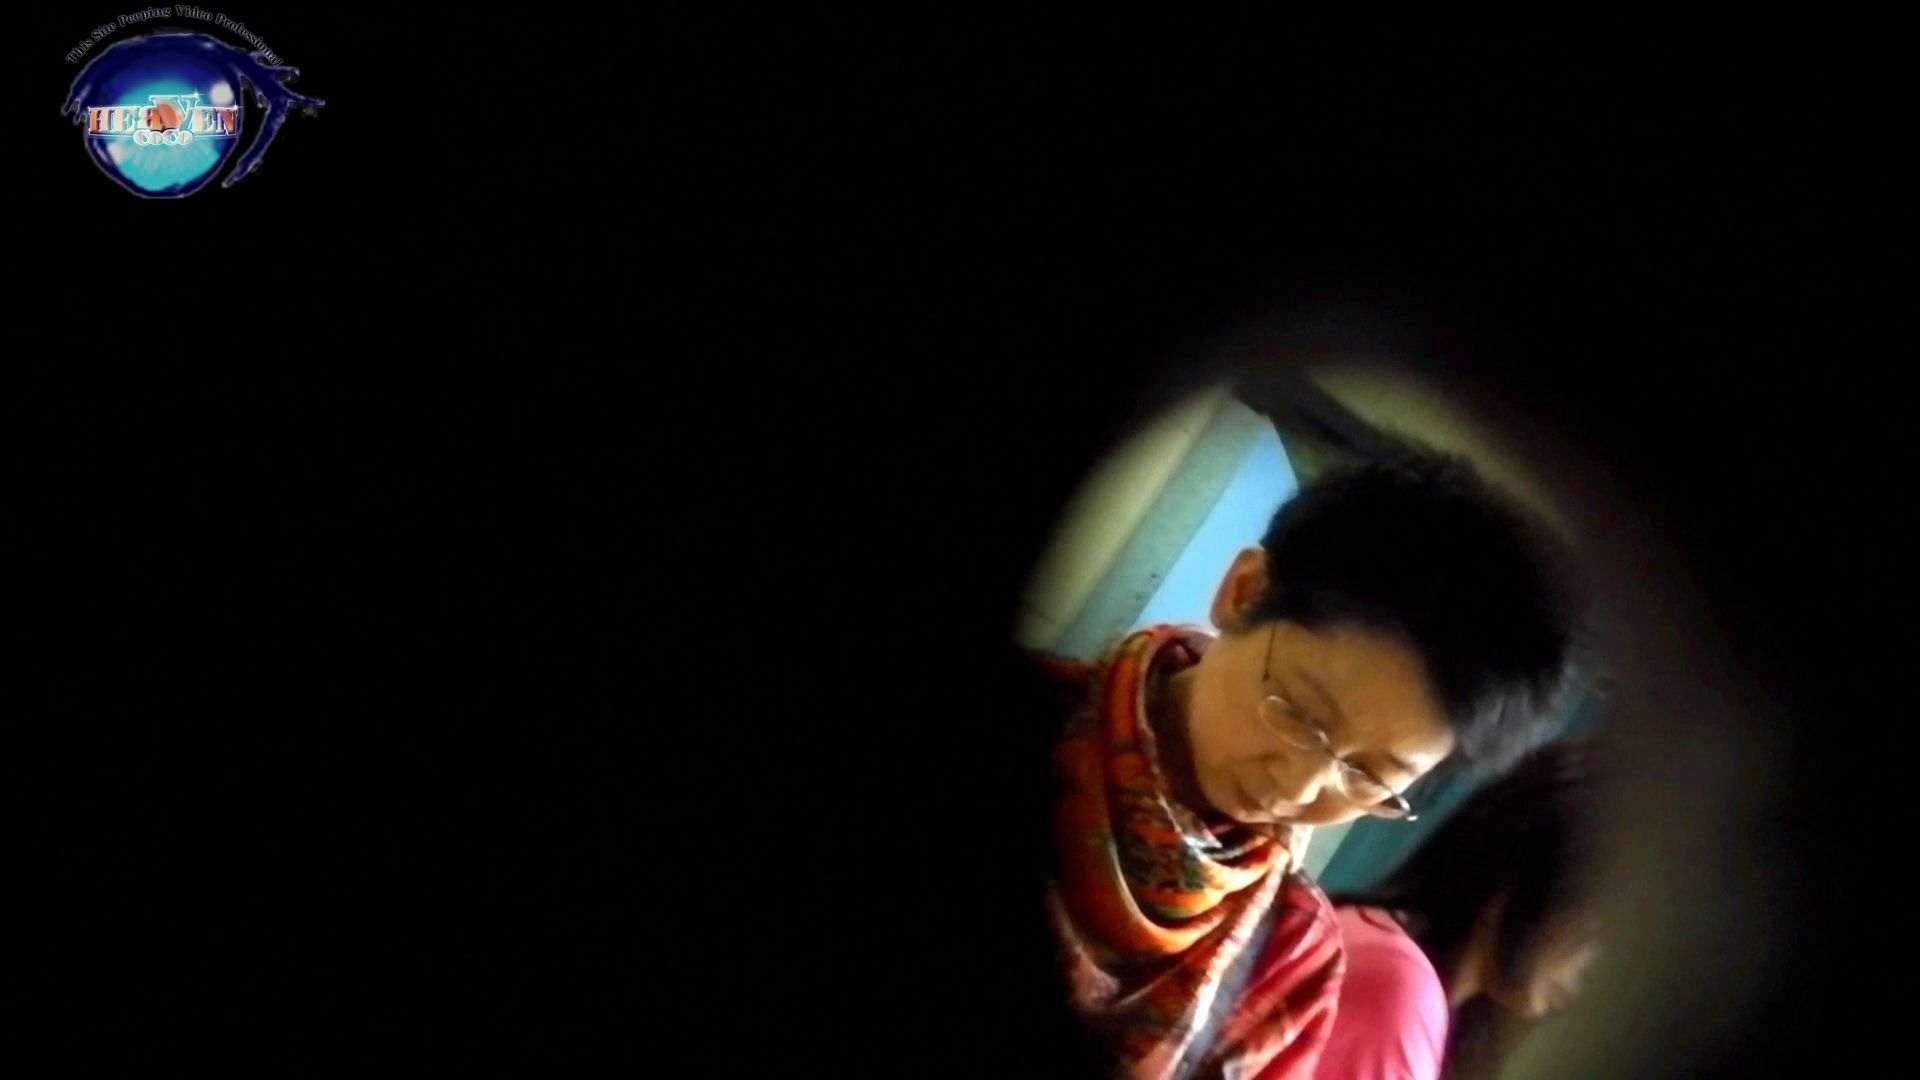 【世界の射窓から~ステーション編~】ステーション編 vol.30 割り込みに怒った美女! 美女   HなOL  61pic 46